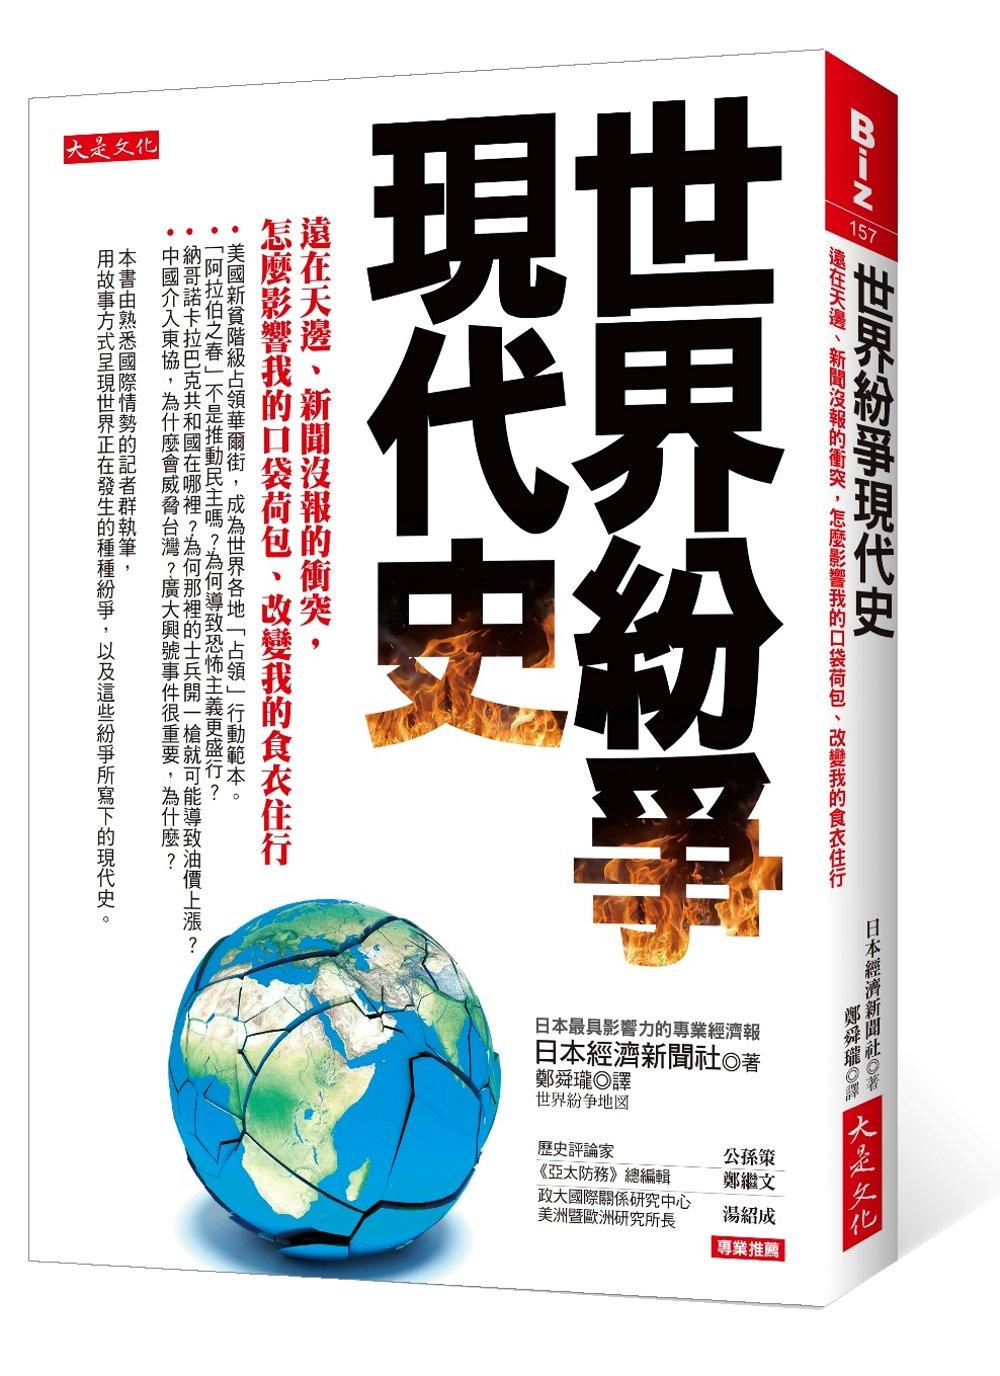 http://www.books.com.tw/img/001/066/91/0010669136.jpg